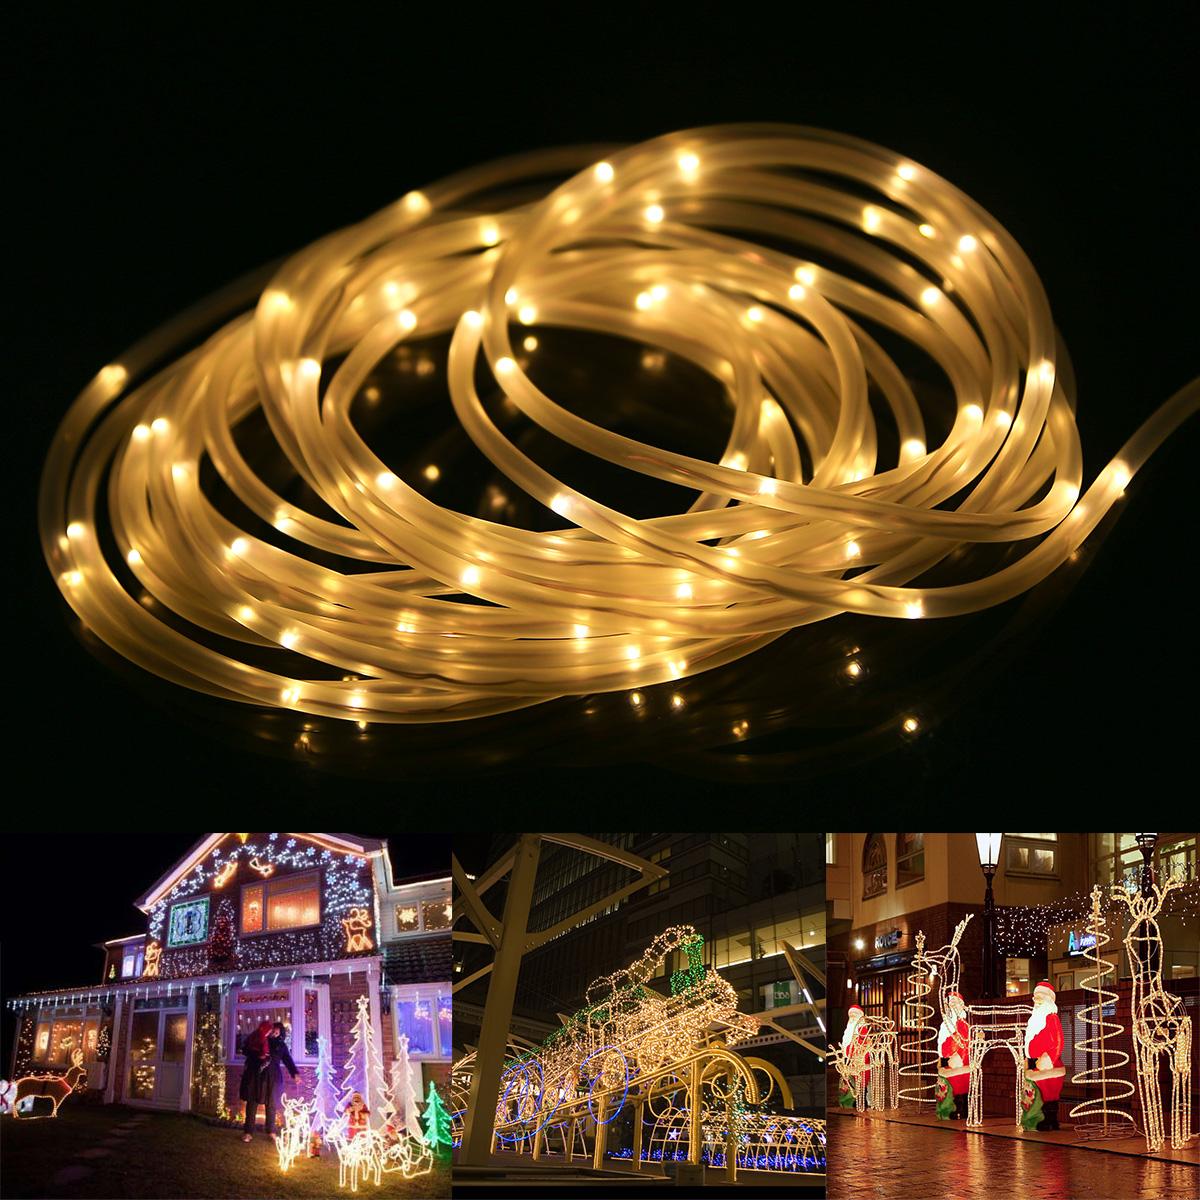 LED Lichterschlauch, 10M 120er LEDs, Warmweiß, 8 Modi mit Memory-Funktion für Innen/ Außen Party Weihnachten Dekolicht